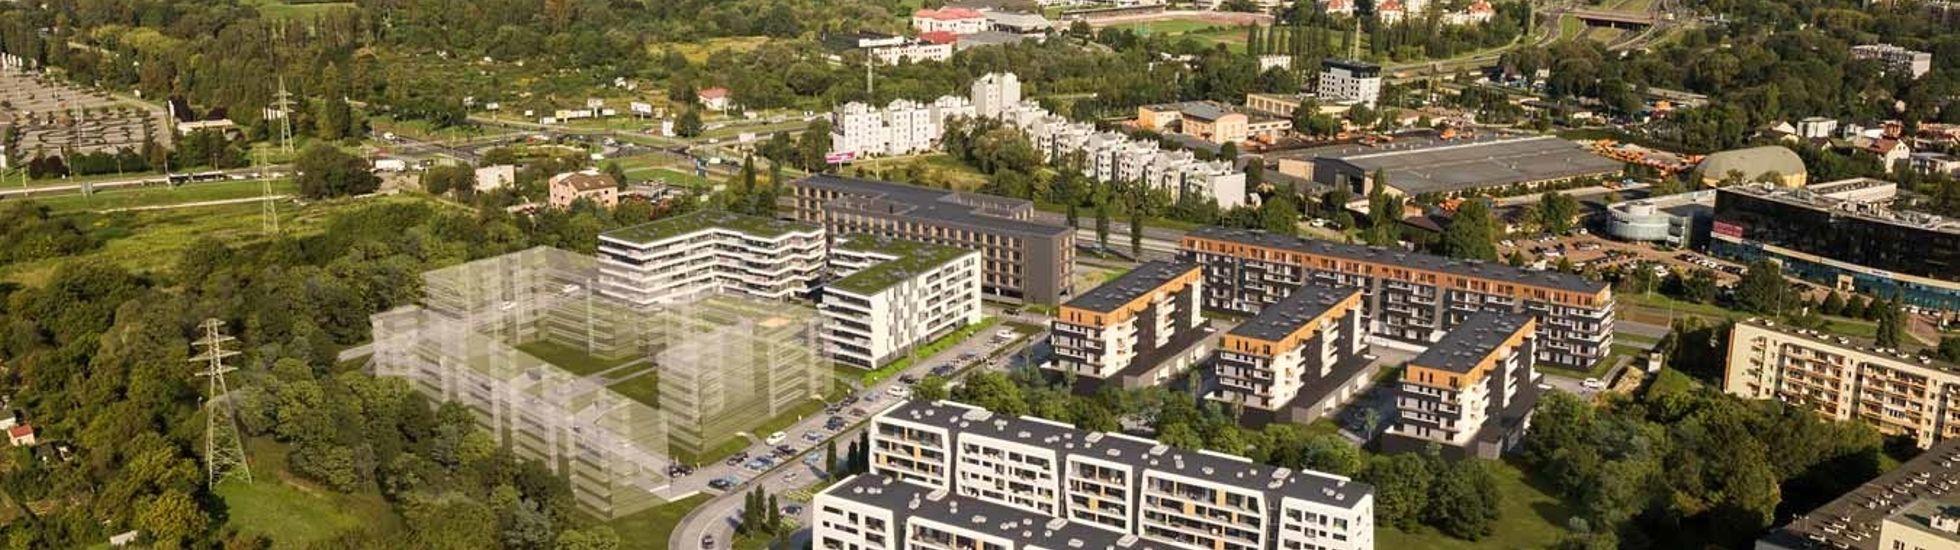 Kraków: Atal rozbudowuje Aleję Pokoju. To już prawie 400 mieszkań